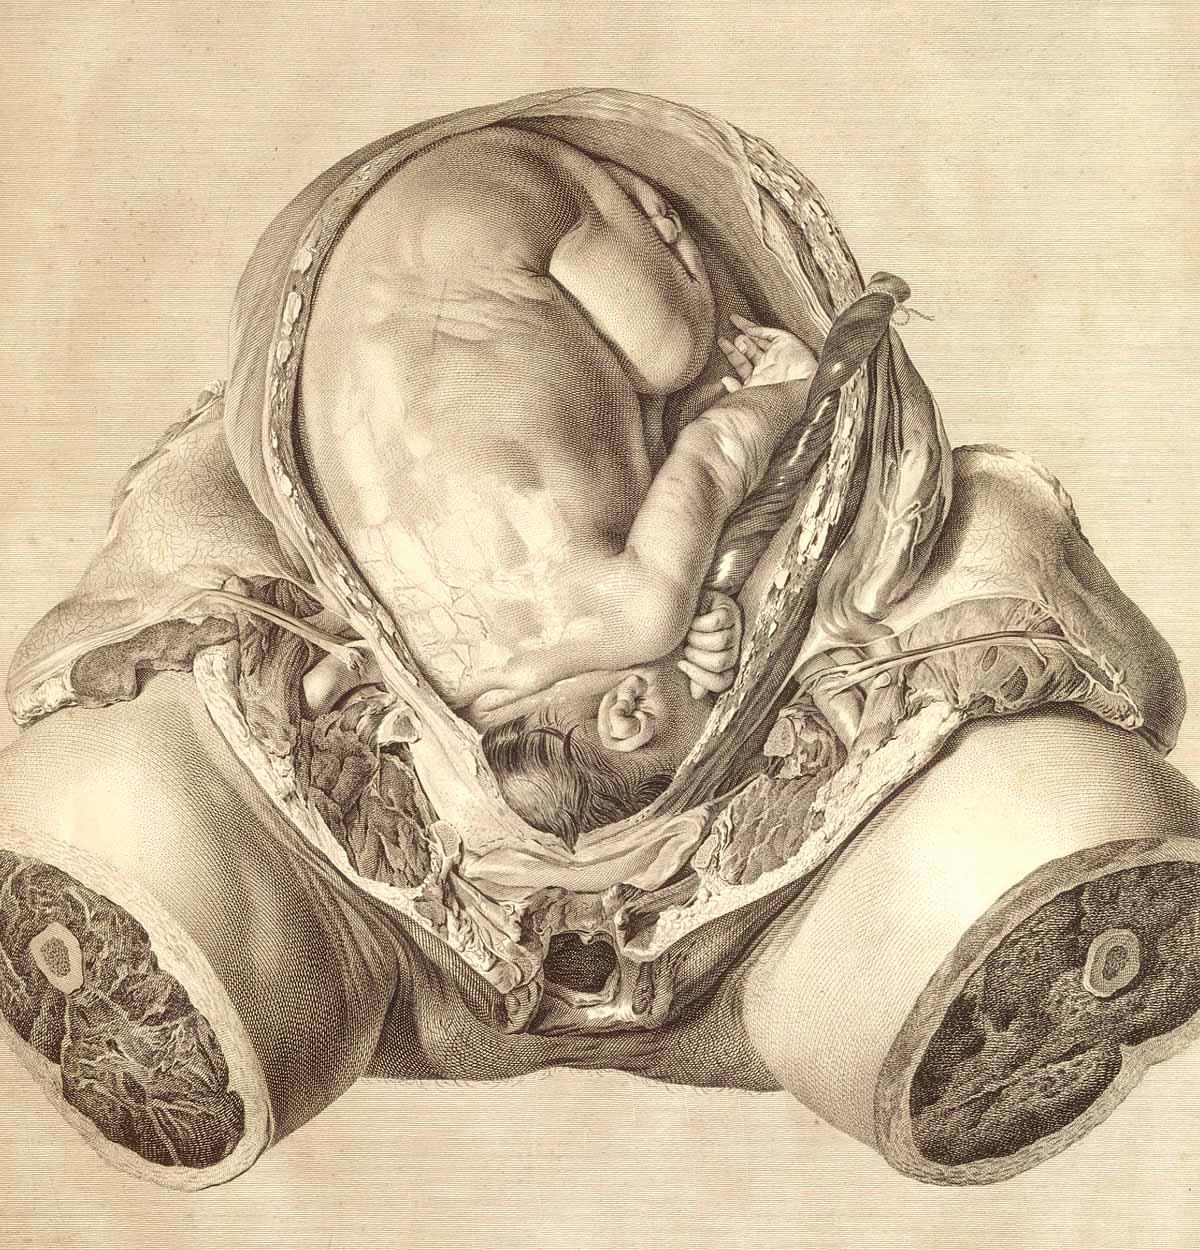 1774 the Anatomy of the Human Gravid Uterus